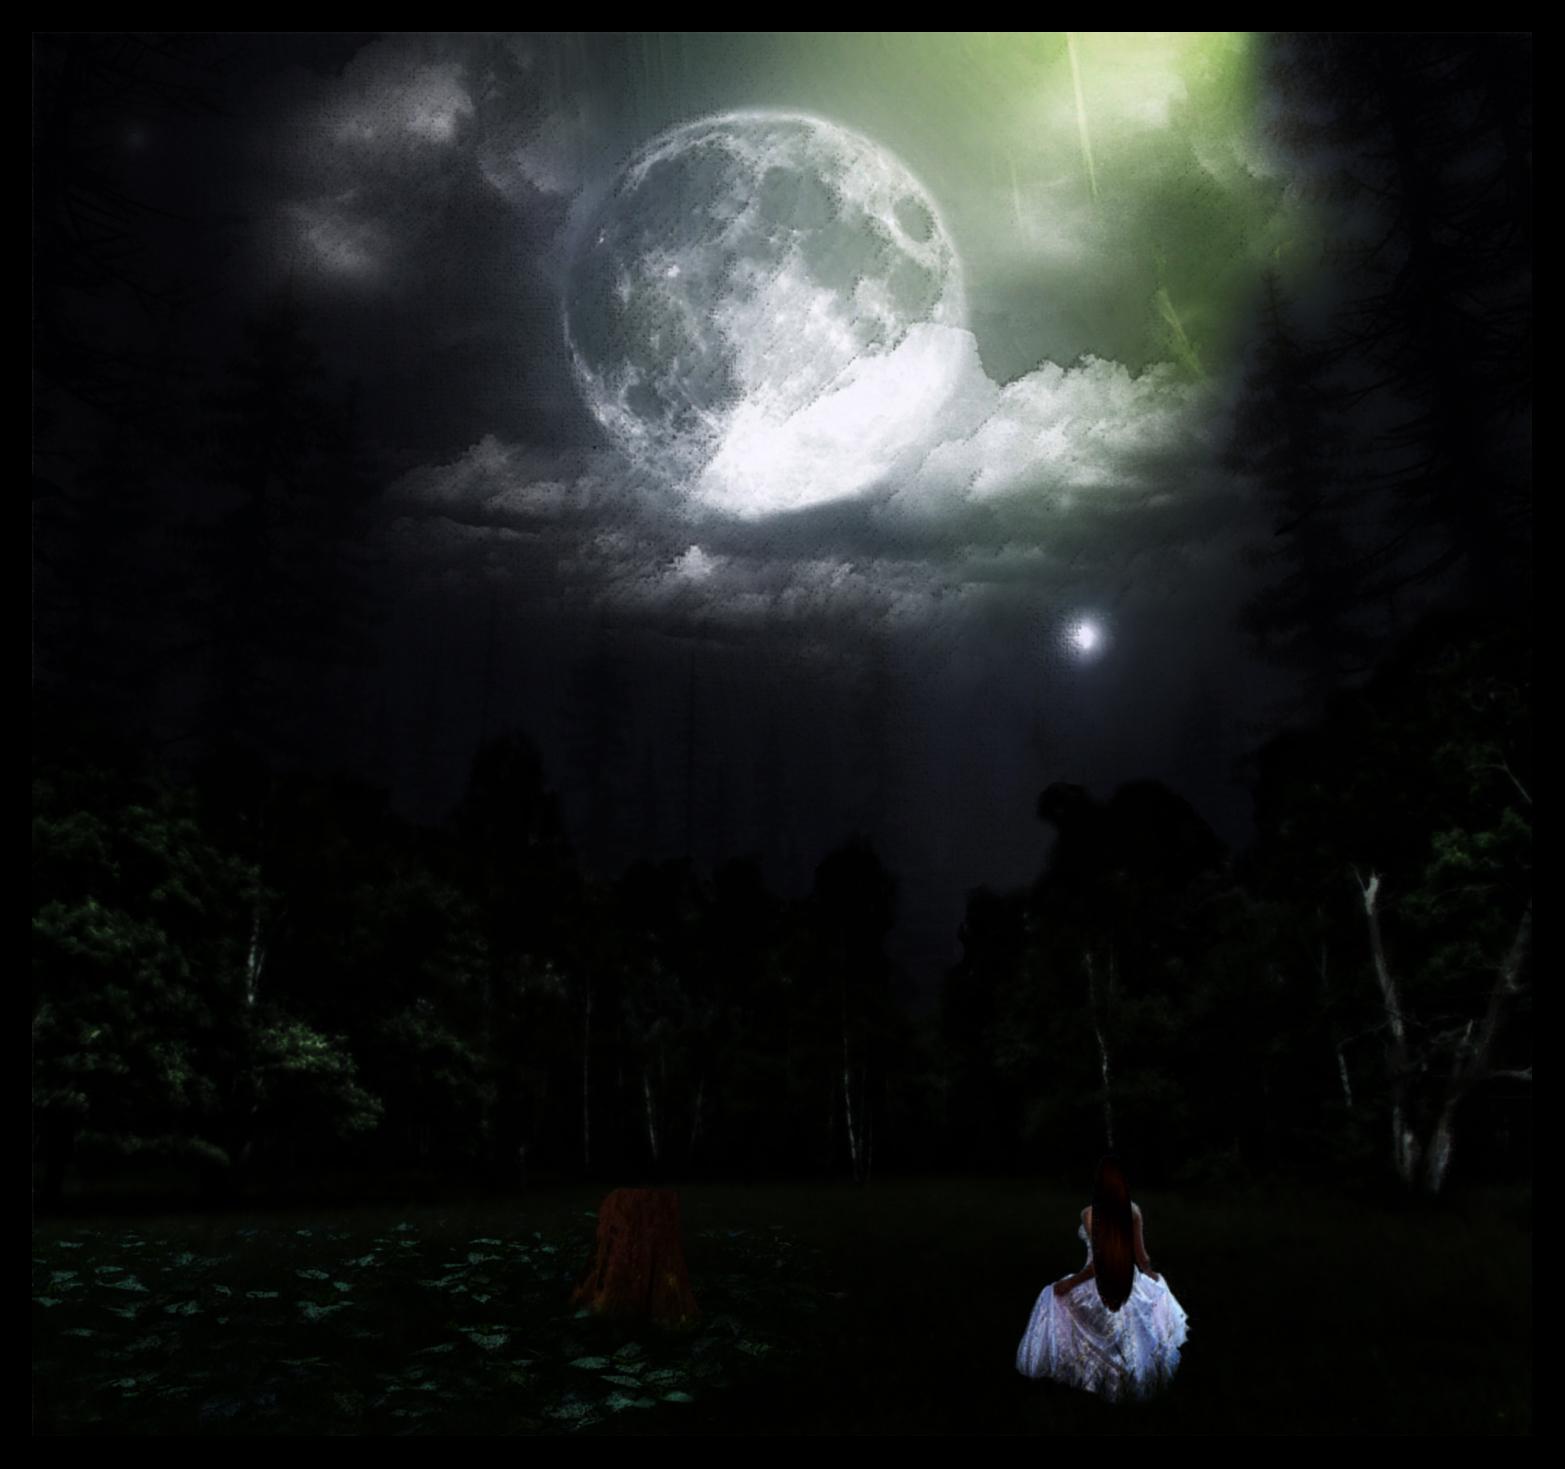 Darkness by Leichenengel